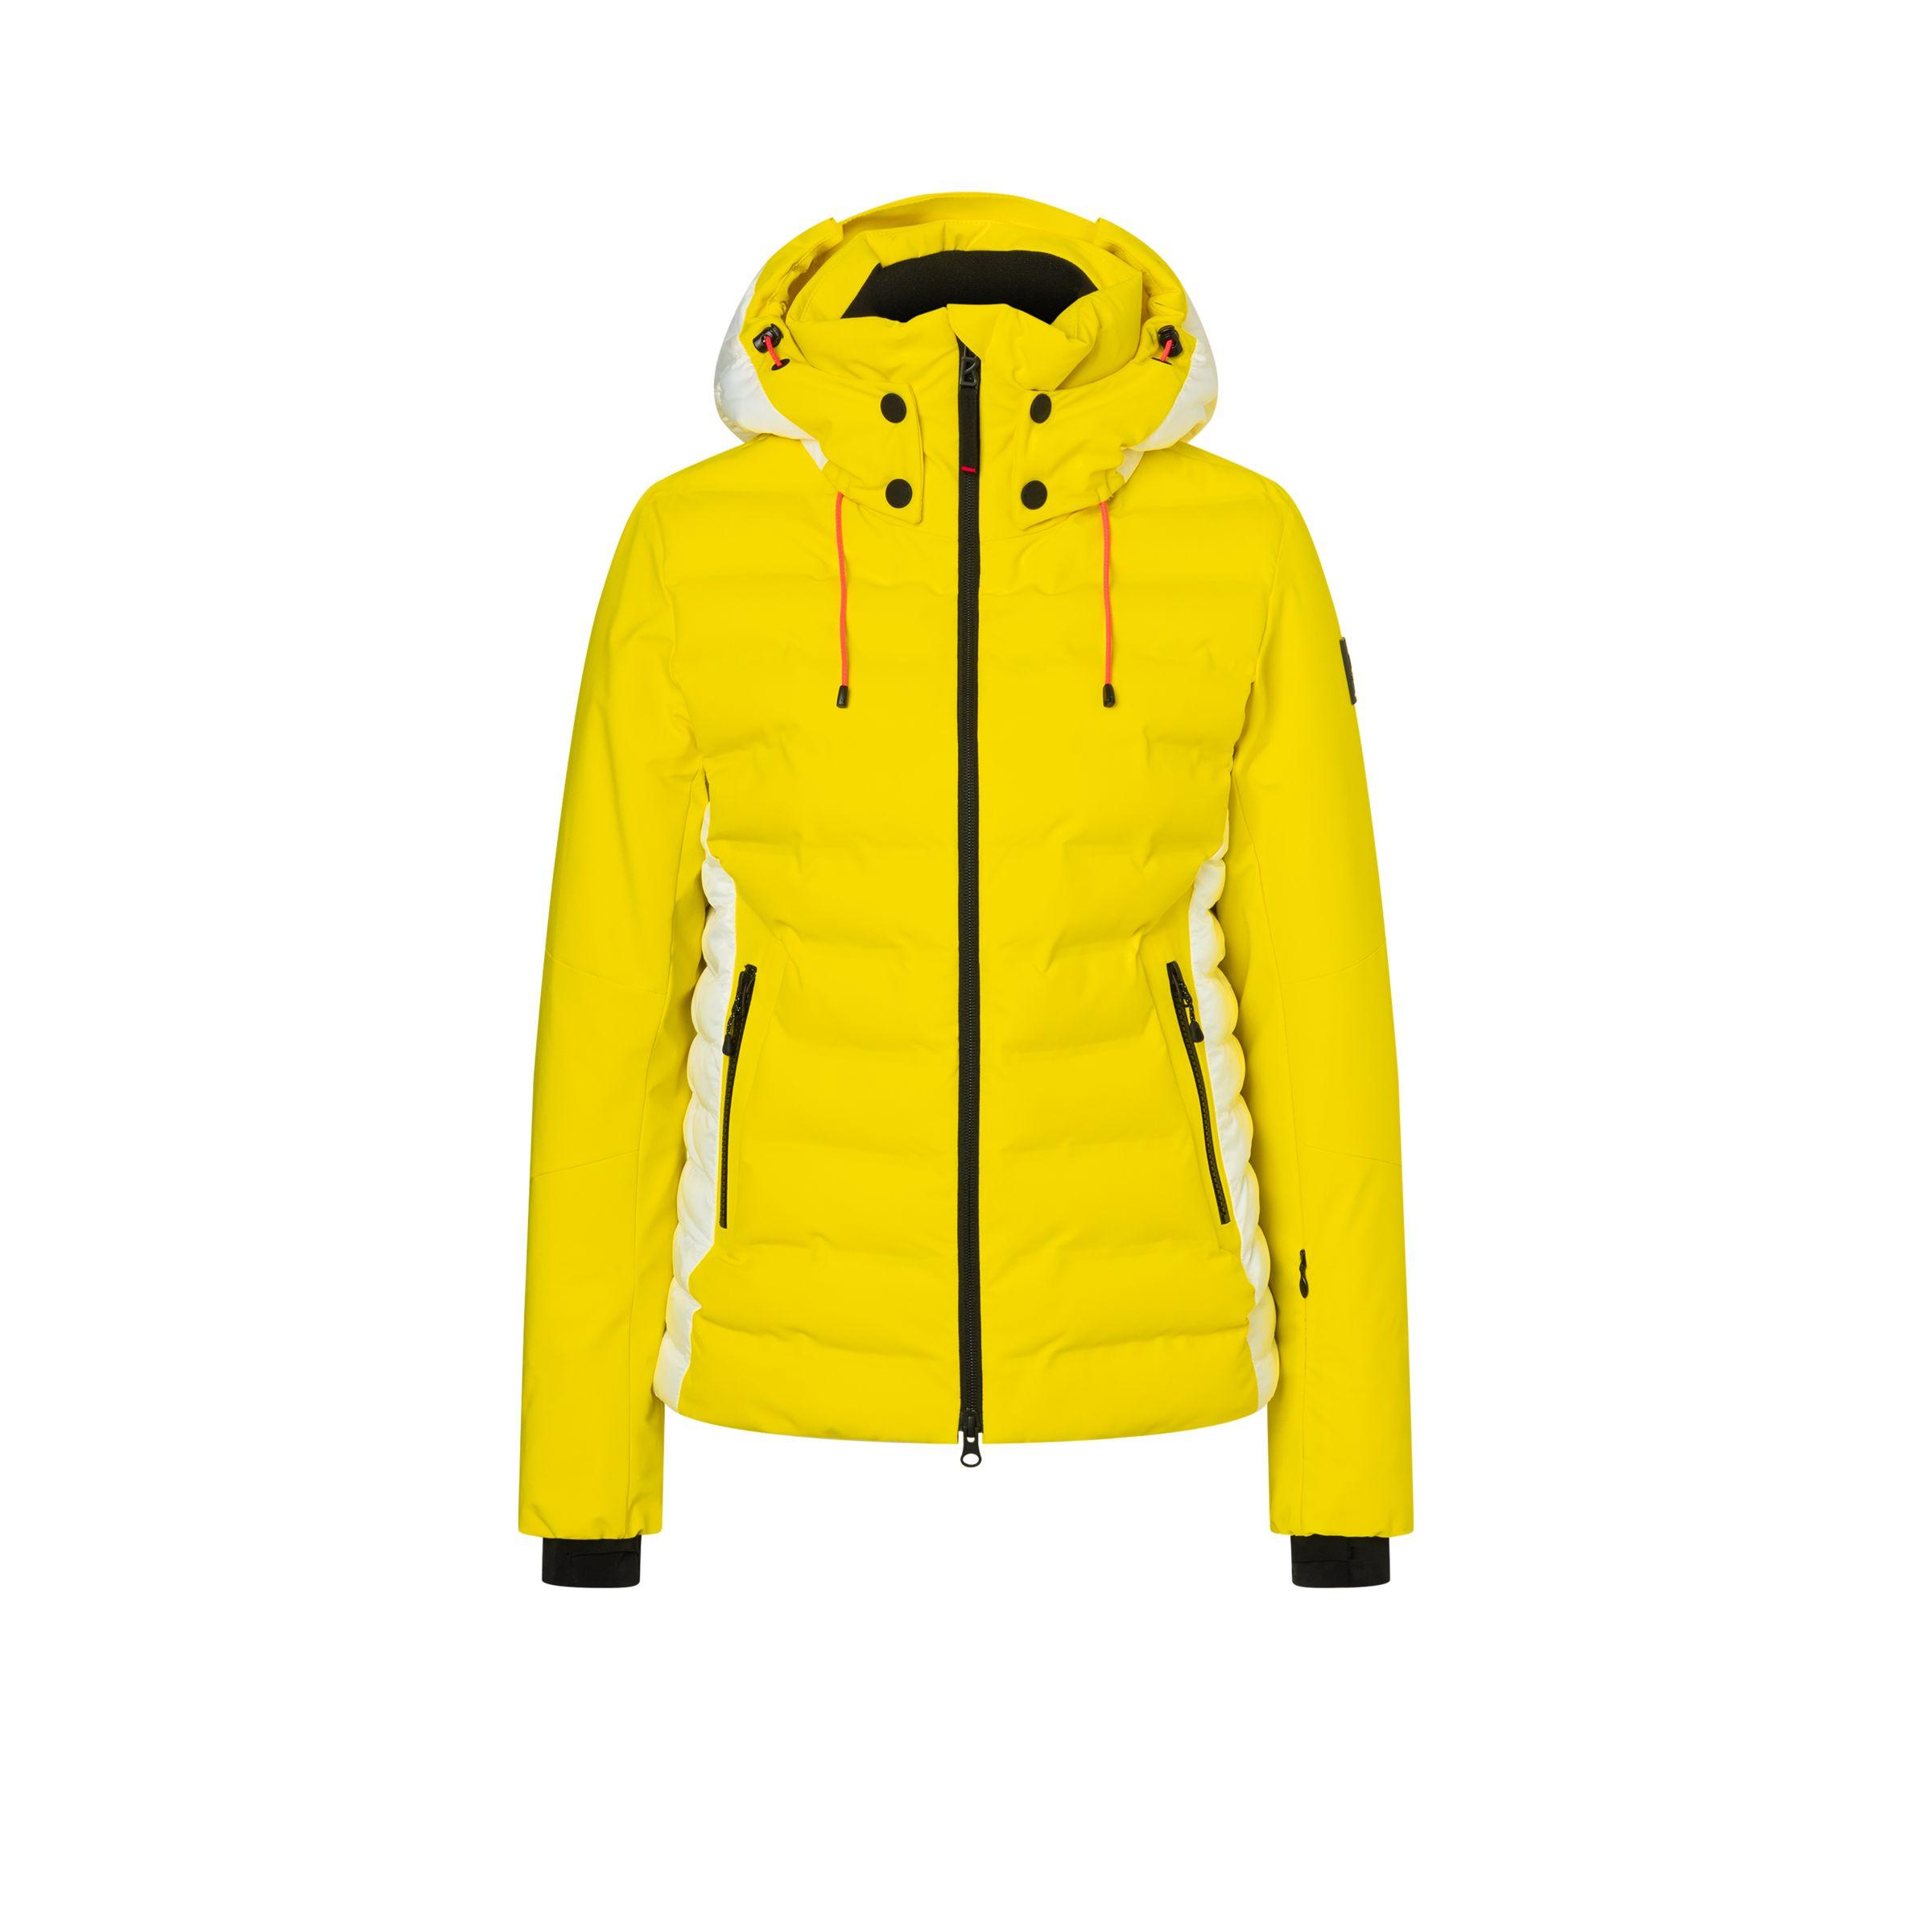 Geci Ski & Snow -  bogner fire and ice JANKA Ski Jacket